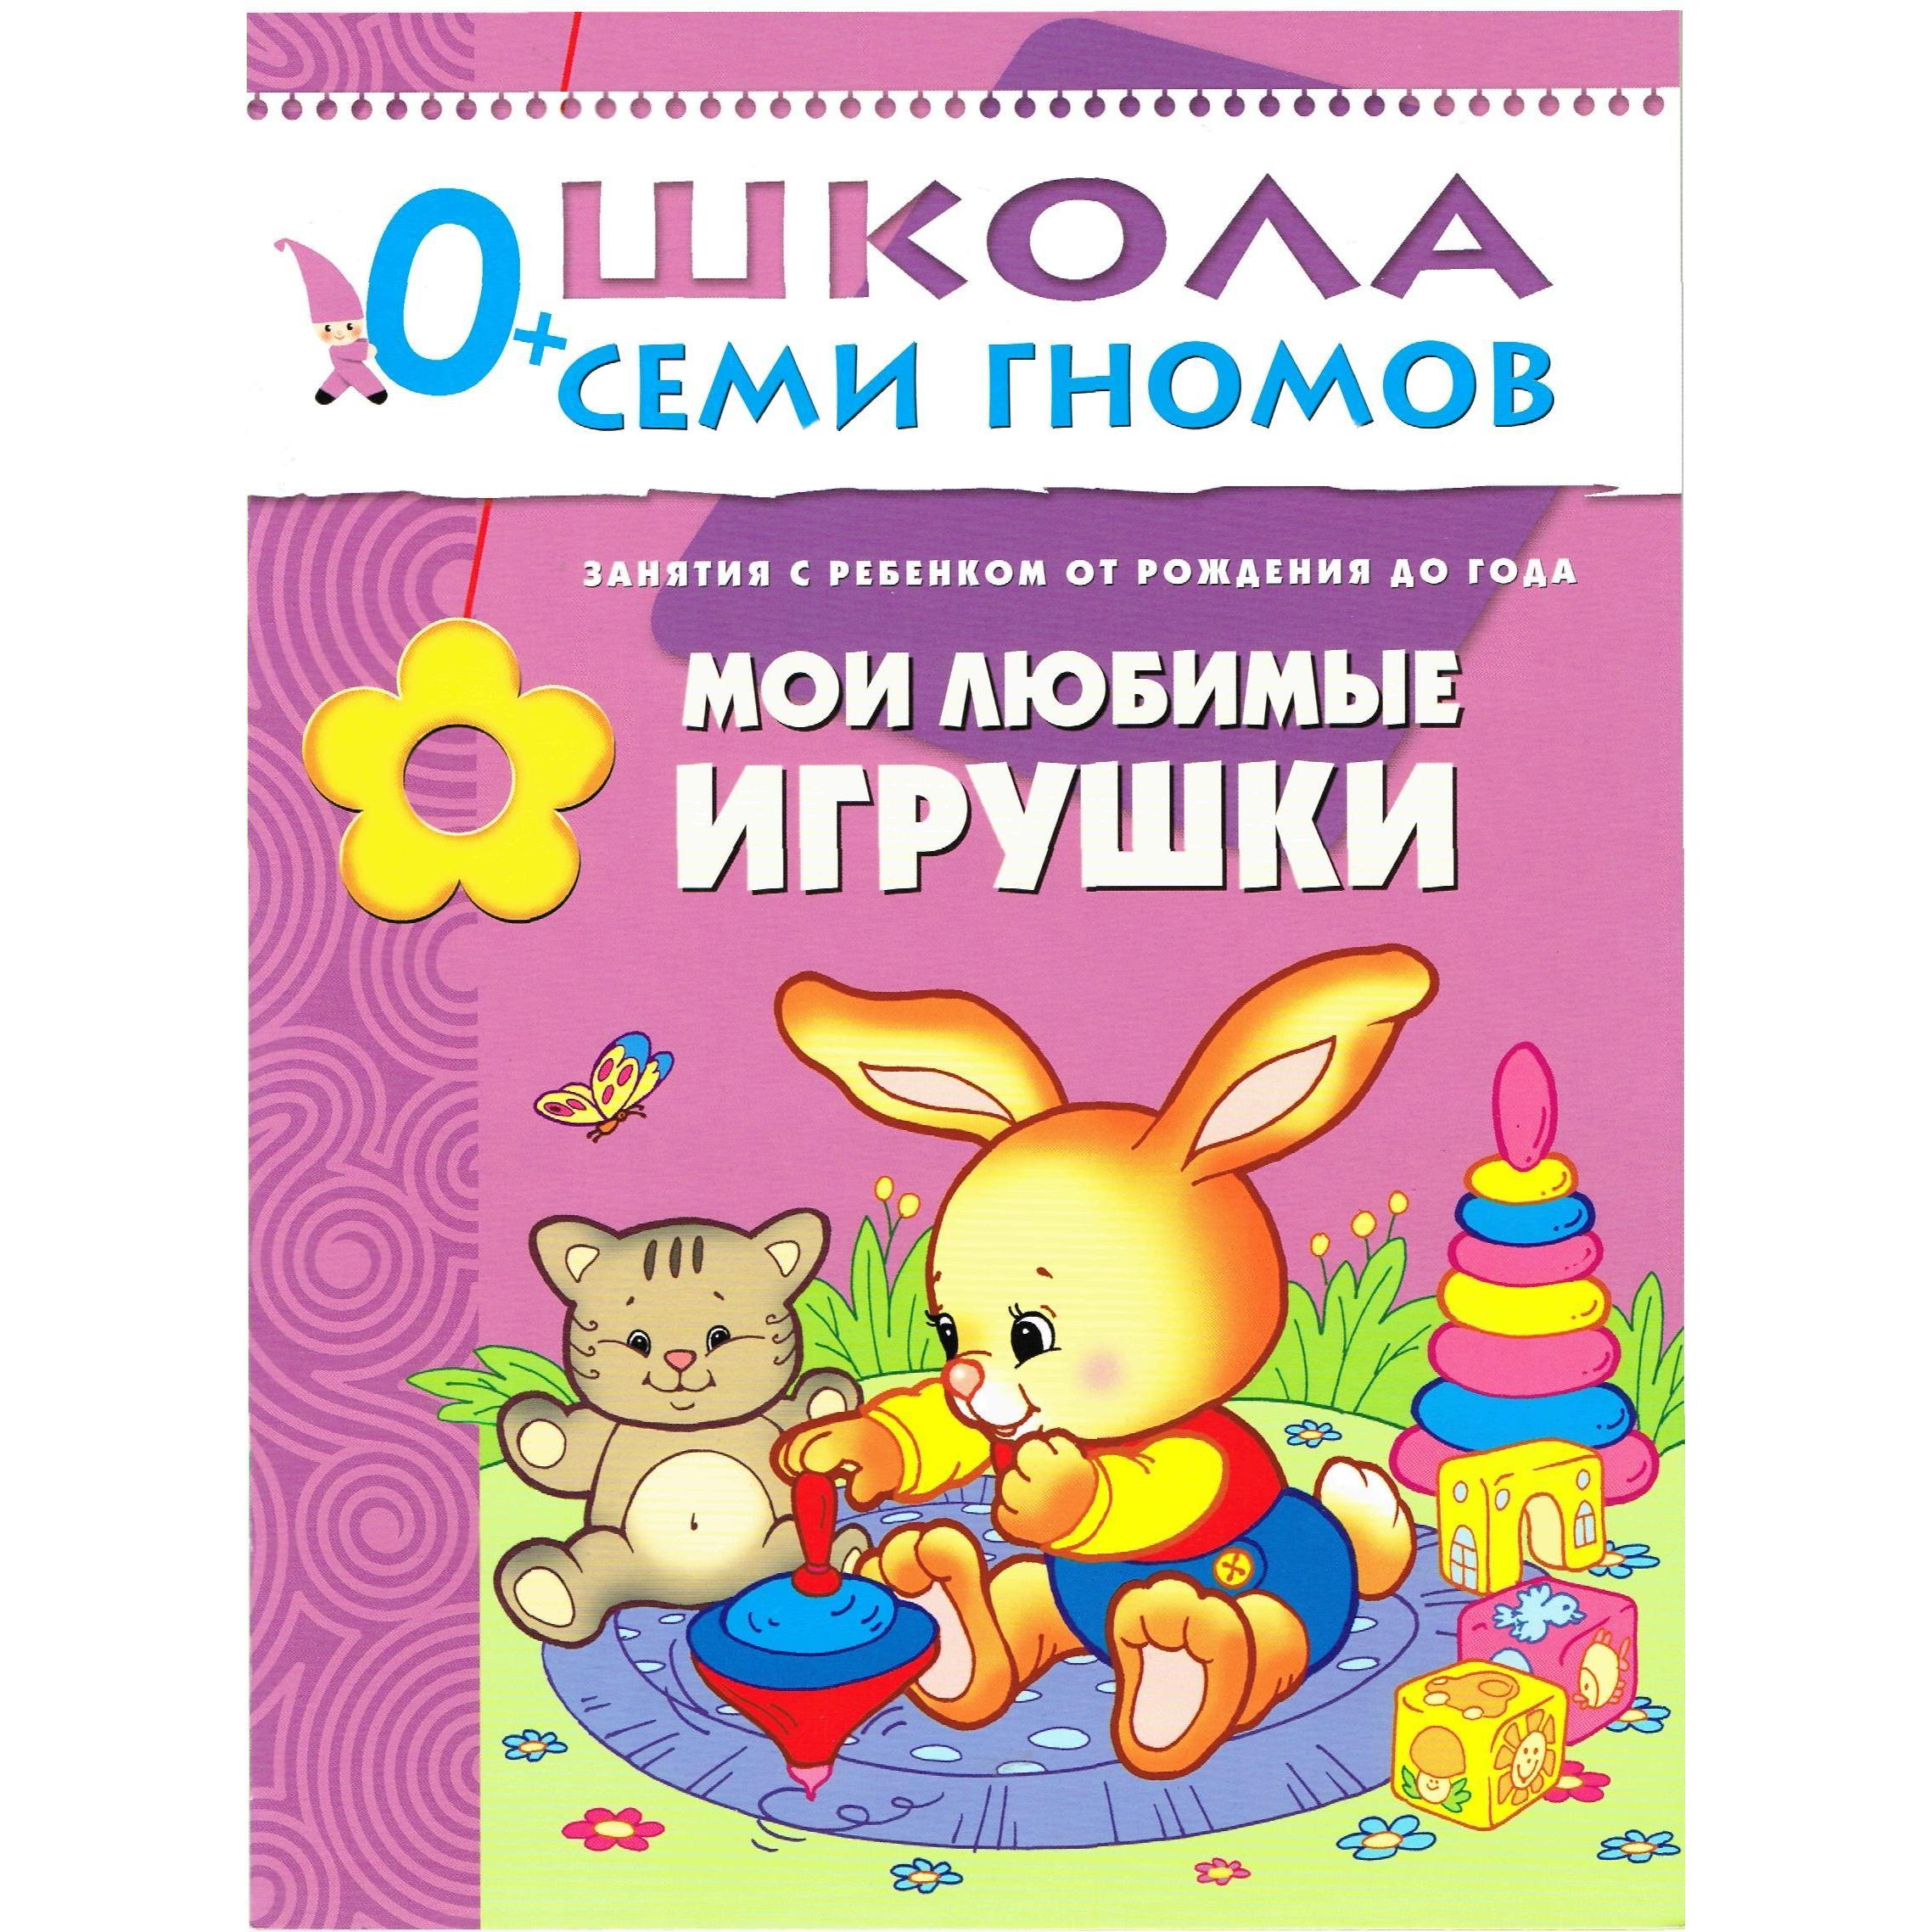 Книга - Школа Семи Гномов - Первый год обучения. Мои любимые игрушкиРазвивающие пособия и умные карточки<br>Книга - Школа Семи Гномов - Первый год обучения. Мои любимые игрушки<br>